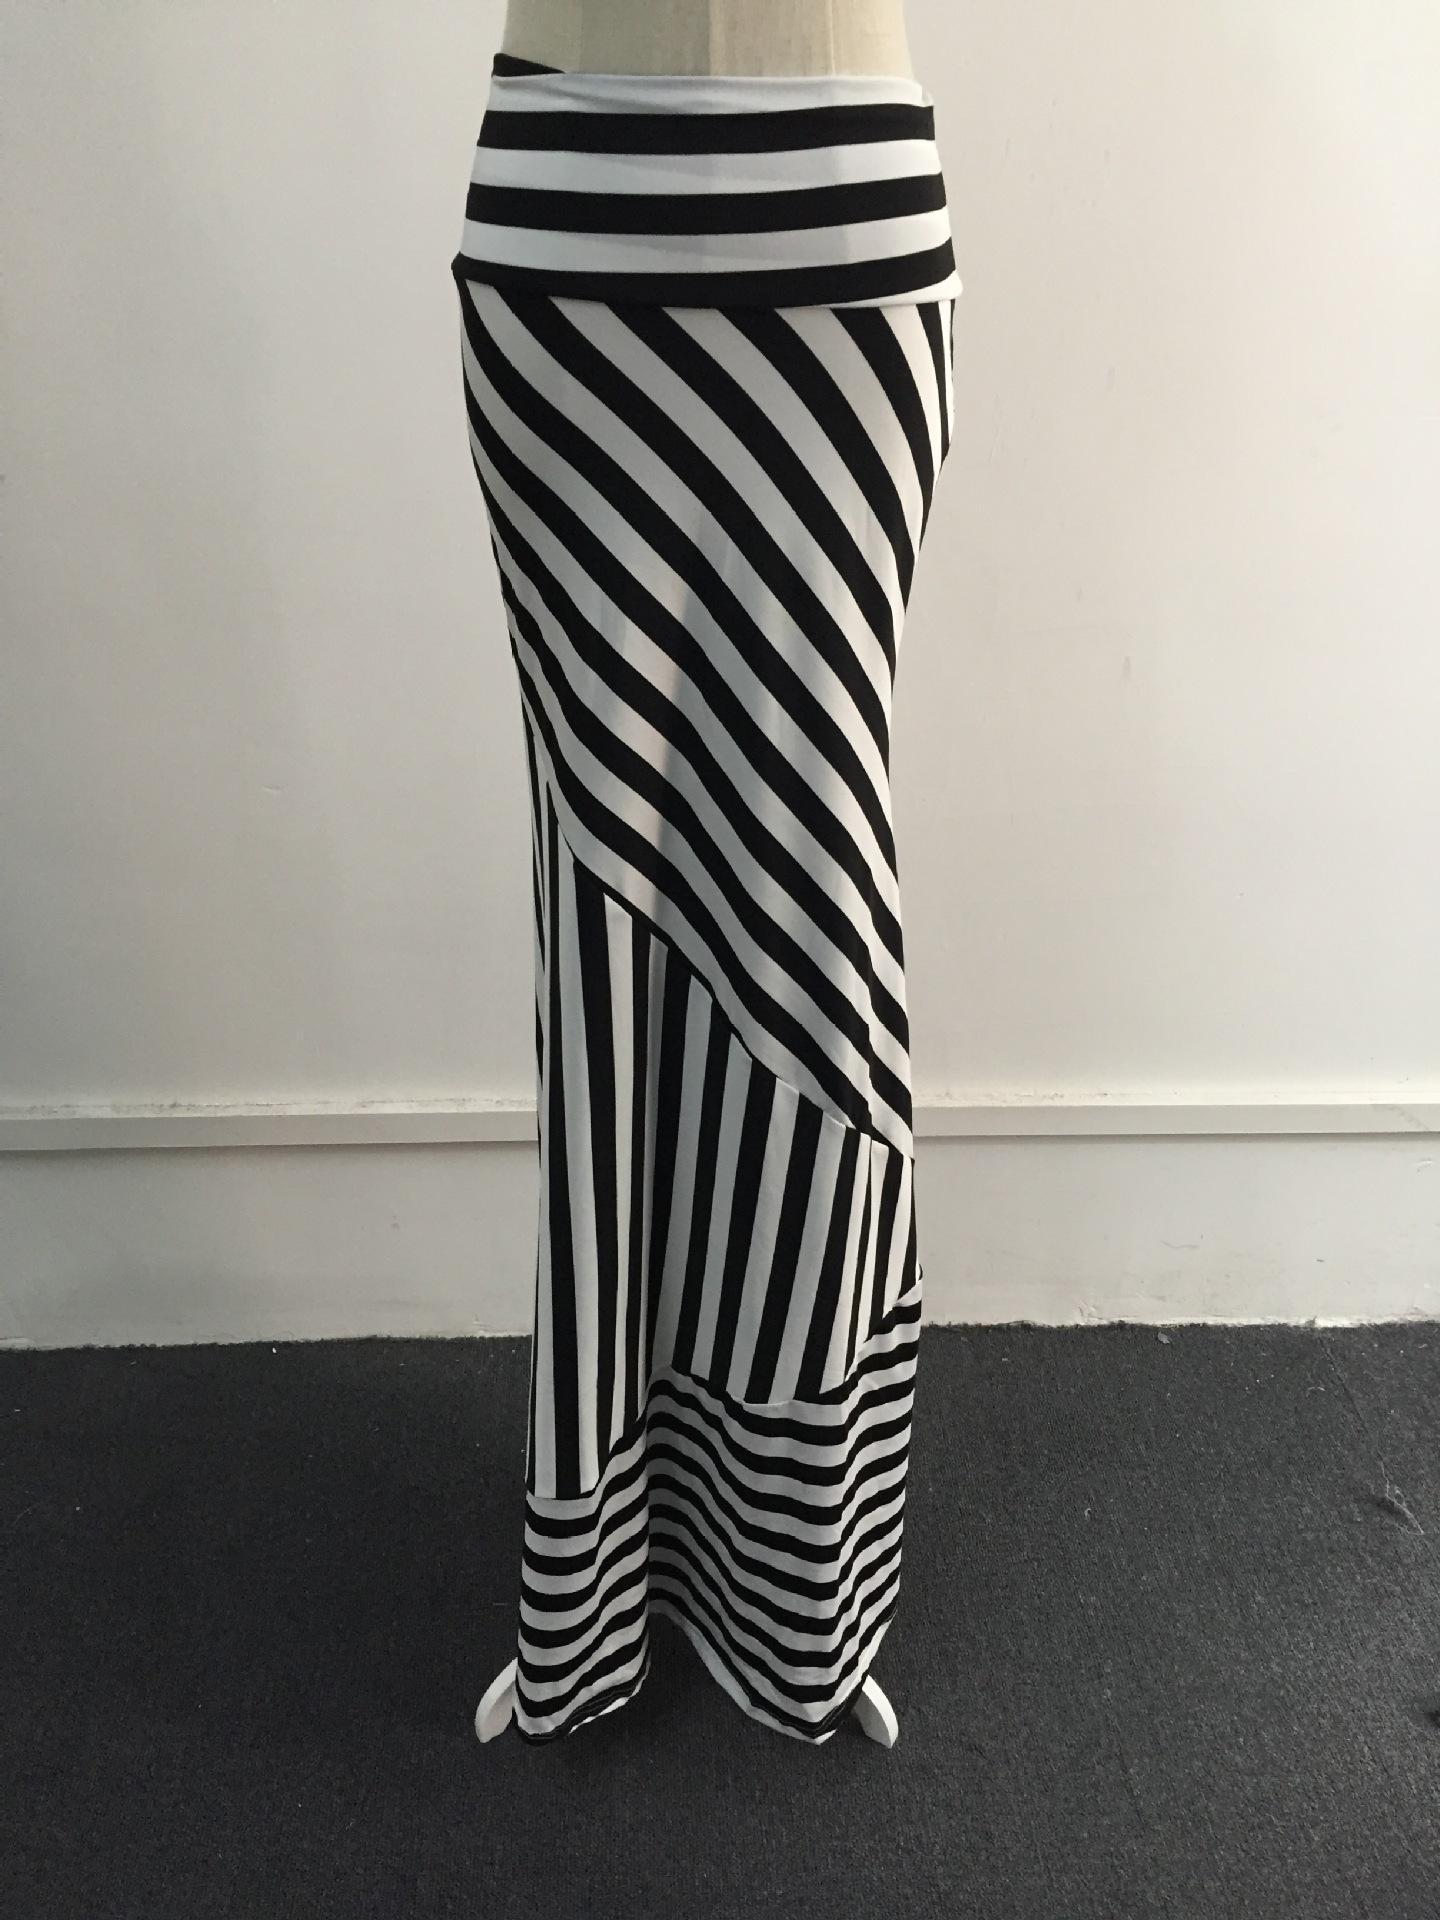 Falda Mujeres XXXL Maxi Faldas Para Mujer Saia Verano Nuevo Casual Negro Blanco Blanco Dama Alta Elasticidad Moda Larga Moda Alta Cintura